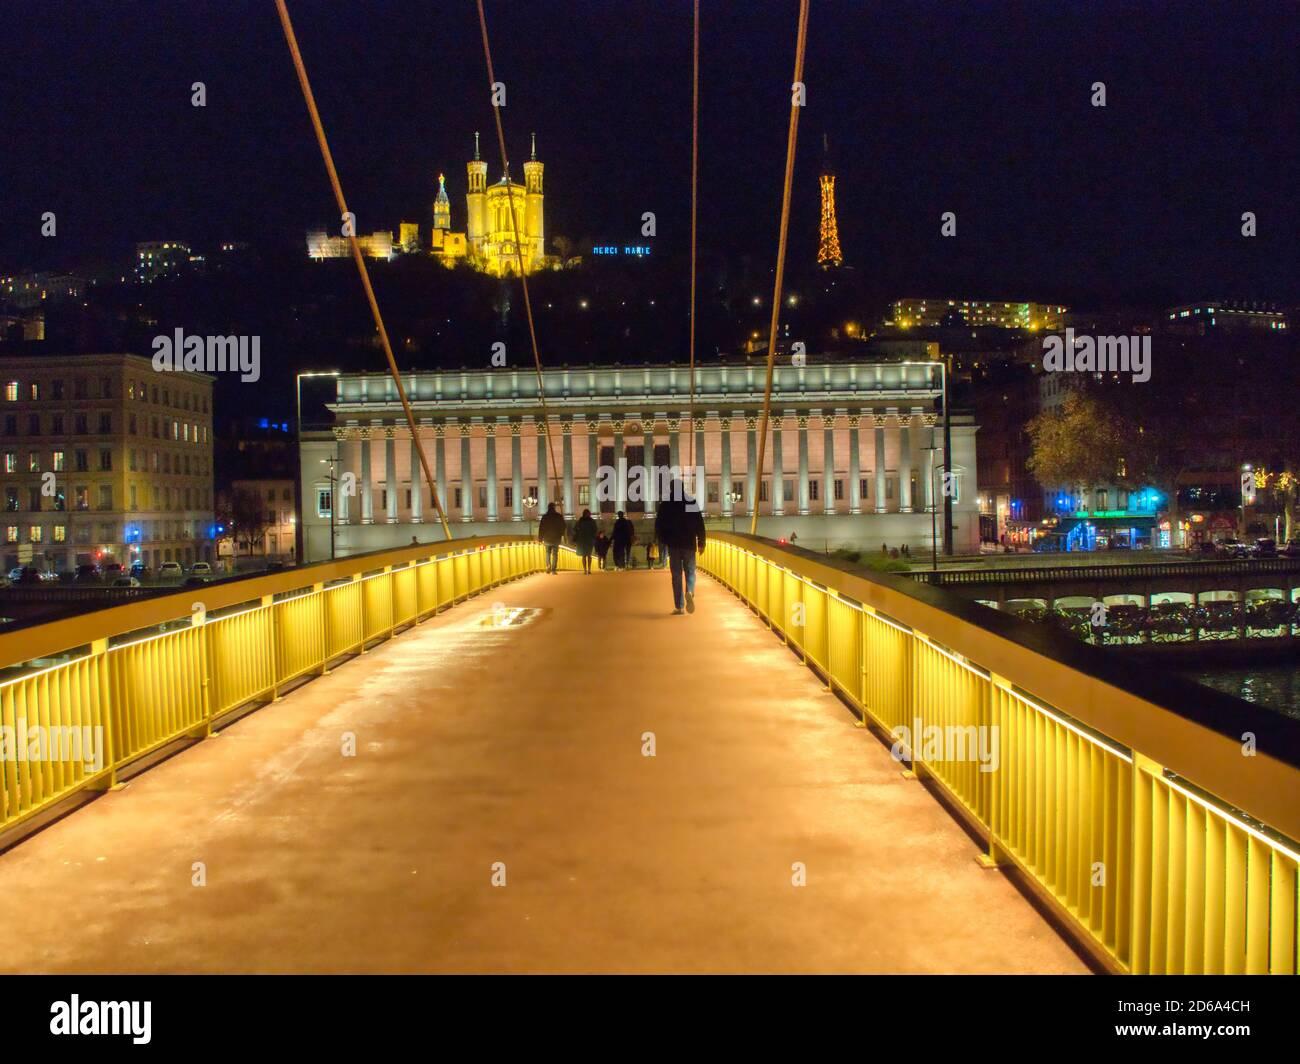 Vista a lo largo de Passerelle du Palais du Justice al juzgado y la Basílica de Notre Dame de Fourviere por la noche, Lyon, Auvergne-Rh'ne-Alpes, Francia. Foto de stock